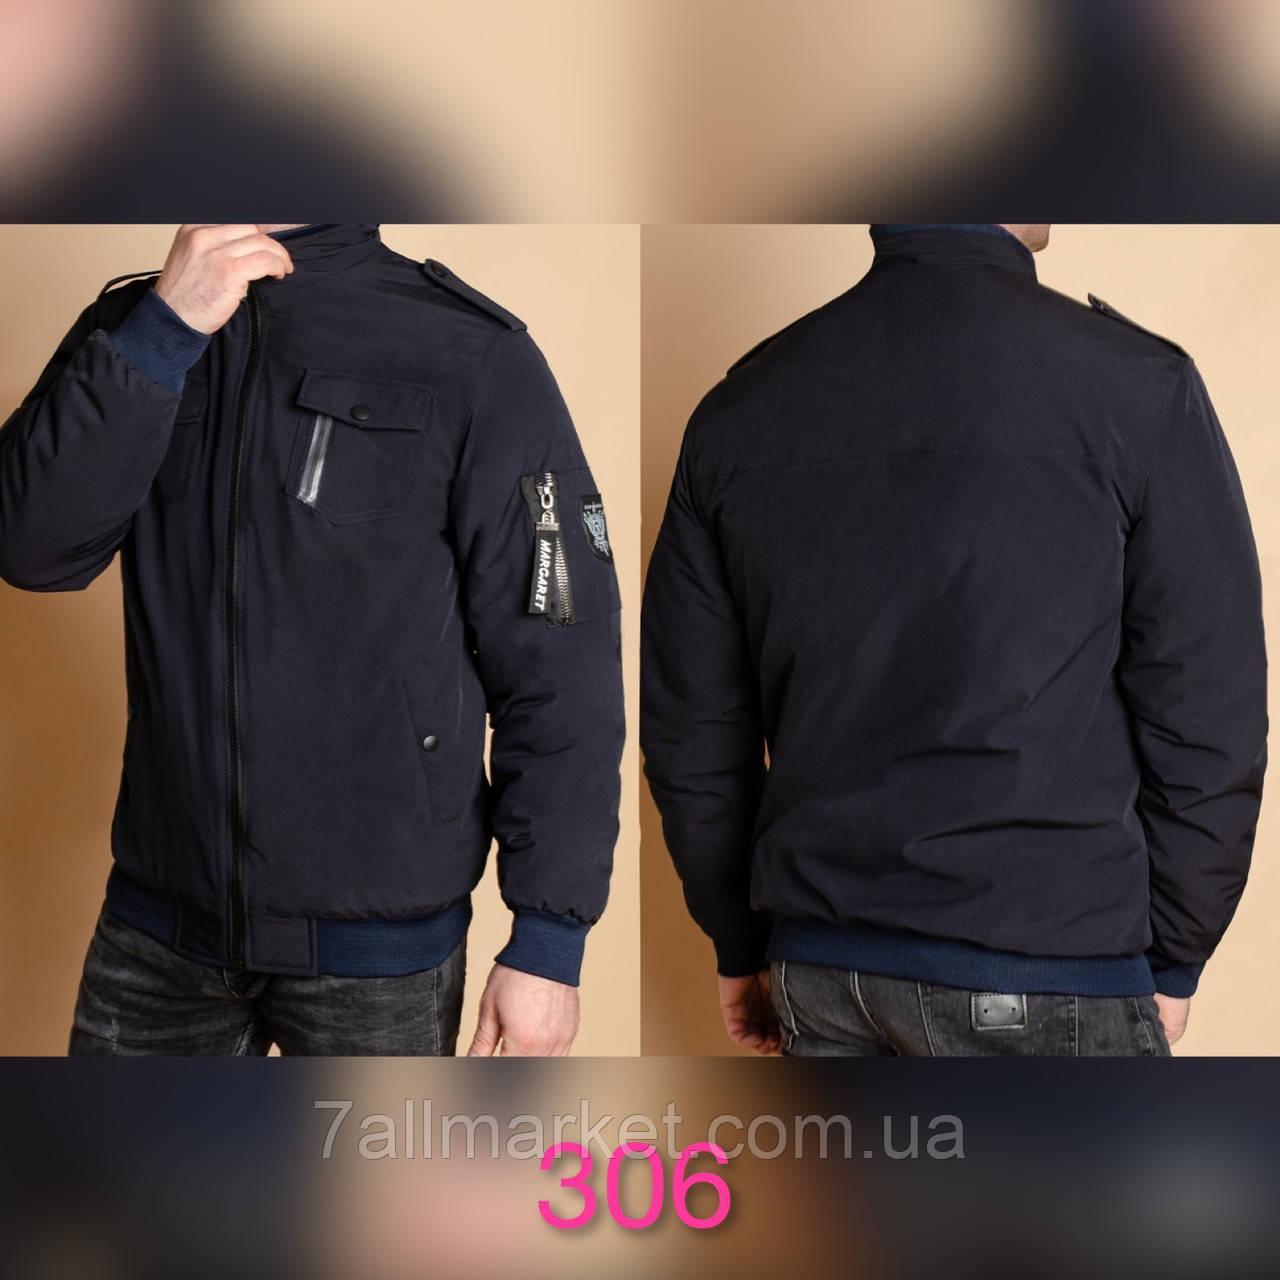 """Куртка чоловіча демісезонна Off-Whitte, розміри 48-56 (4кол) """"SPRING"""" недорого від прямого постачальника"""